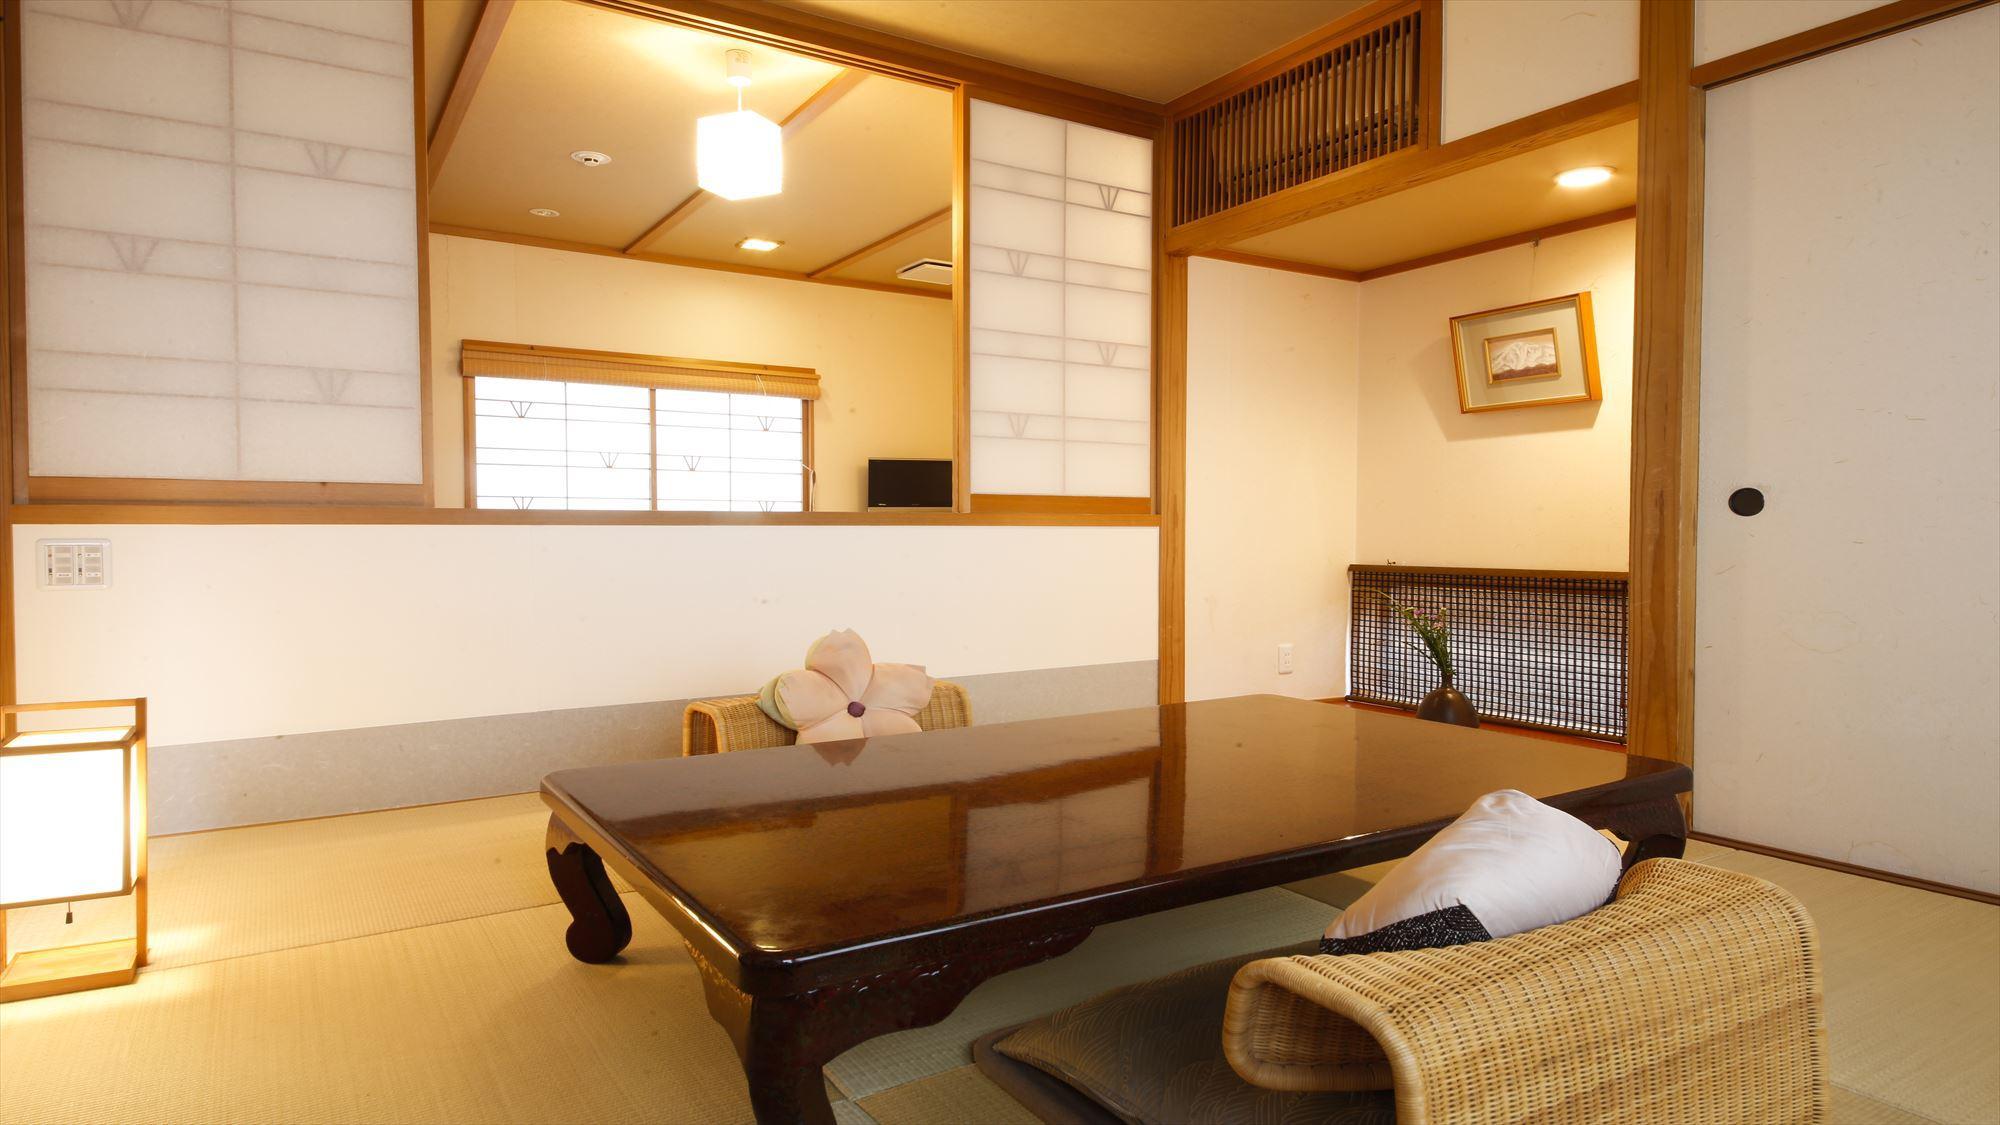 鹿鳴山荘【松】の間、寝室の寛ぎスペースがセパレートのなったお部屋です